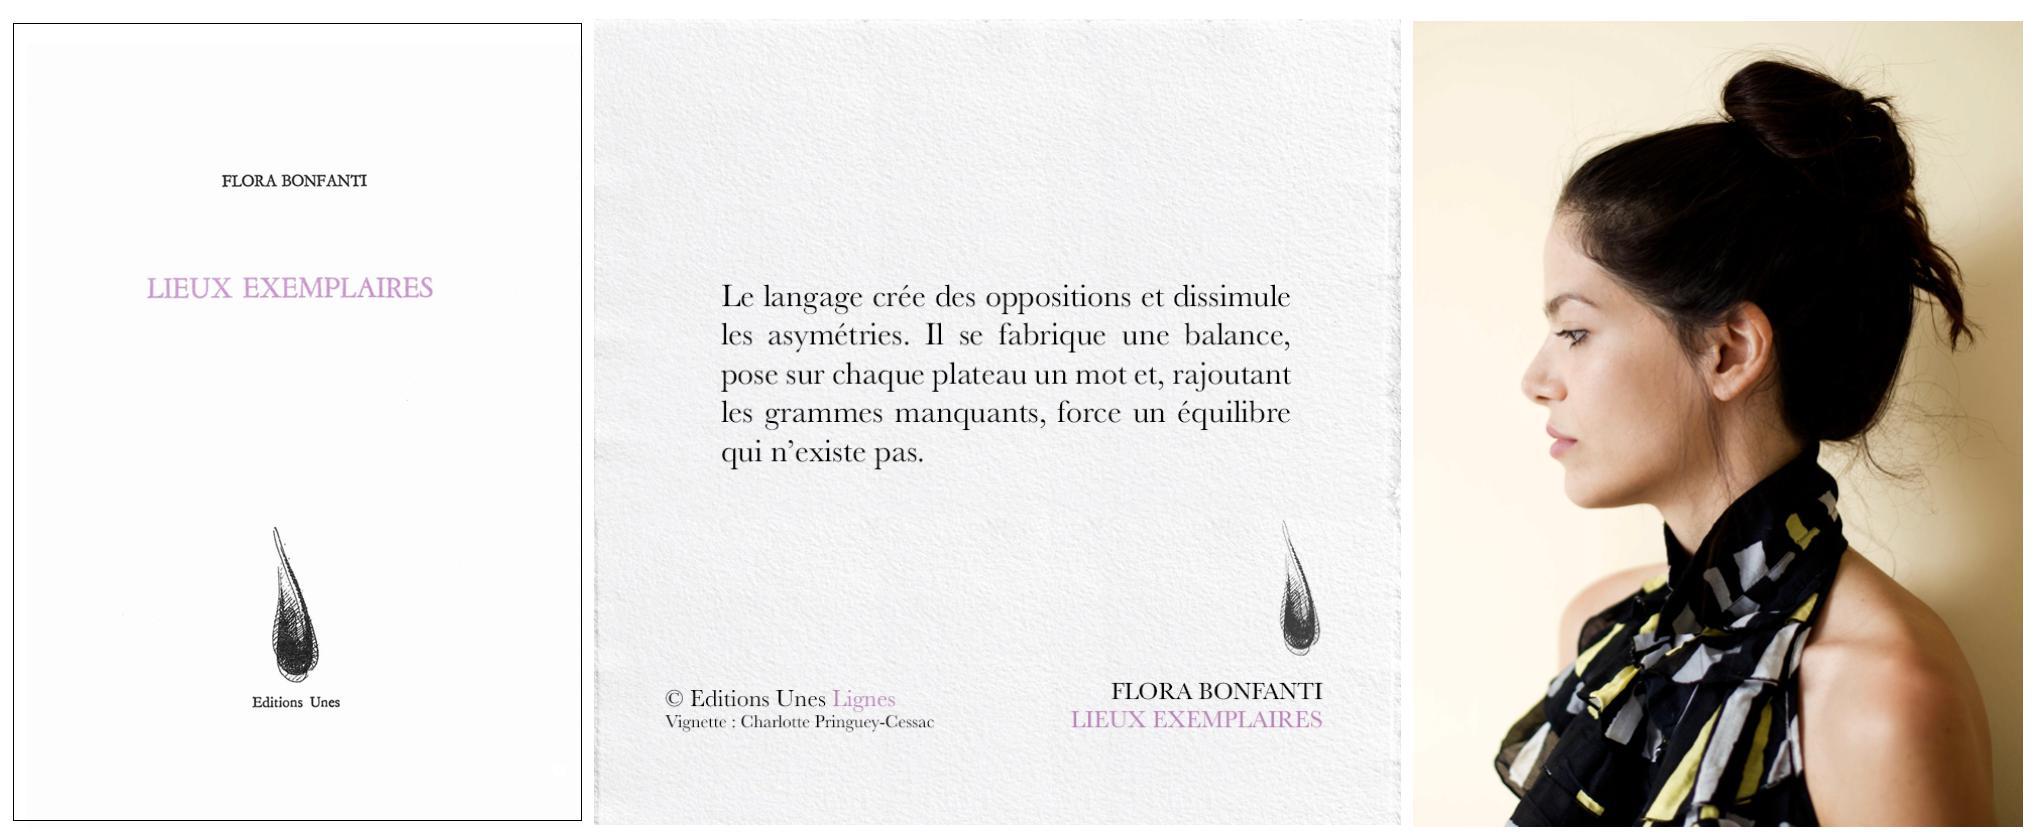 flora_bonfanti_lieux_exemplaires_utdrag_Flora_Bonfanti_Editions_Unes